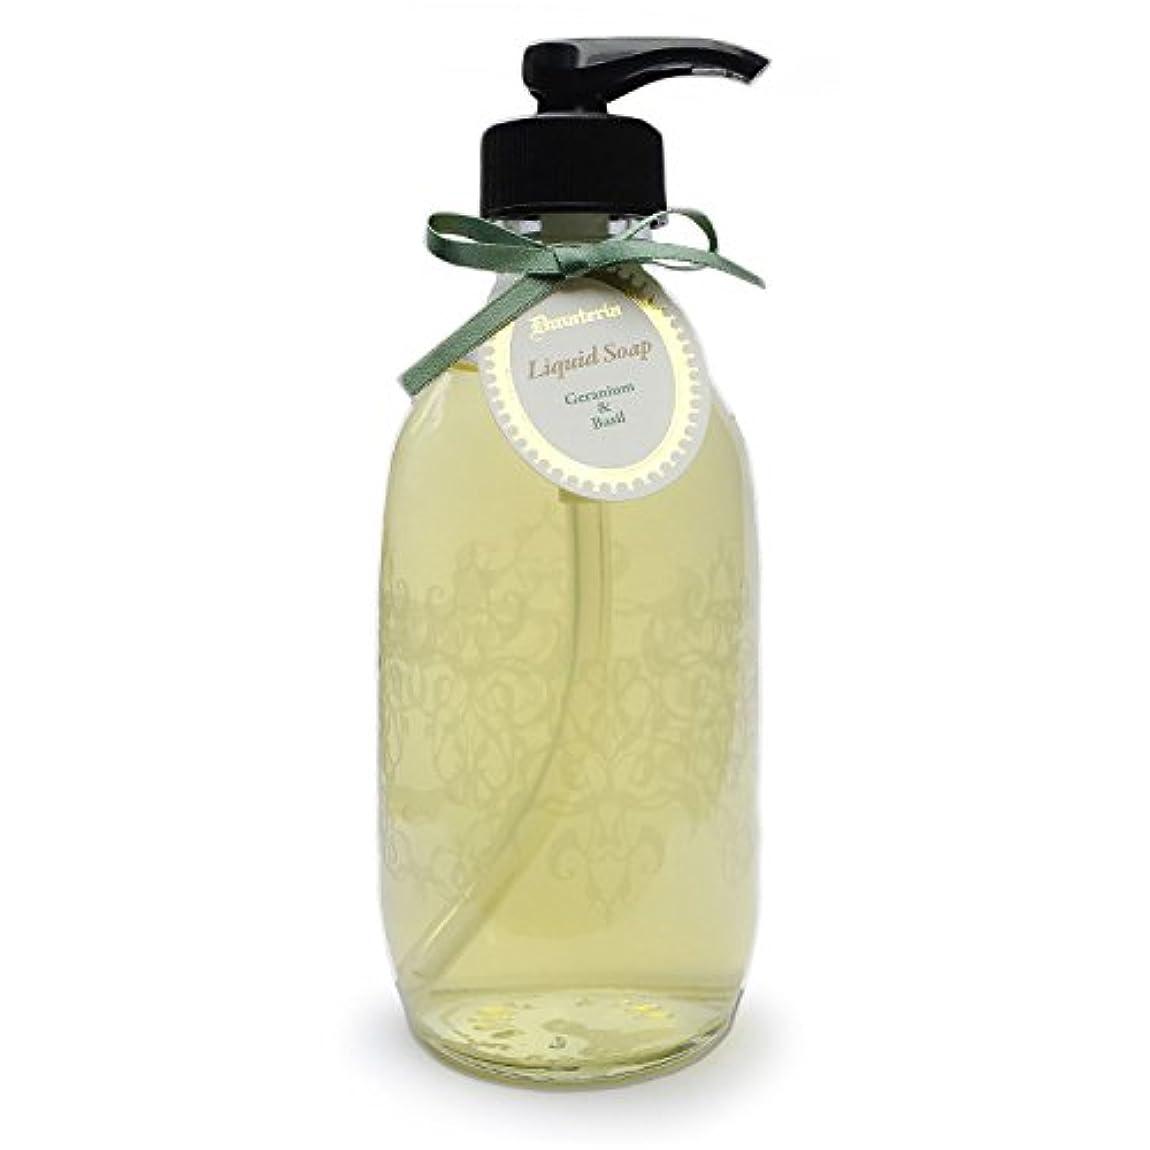 彼ビルダーテンポD materia リキッドソープ ゼラニウム&バジル Geranium&Basil Liquid Soap ディーマテリア